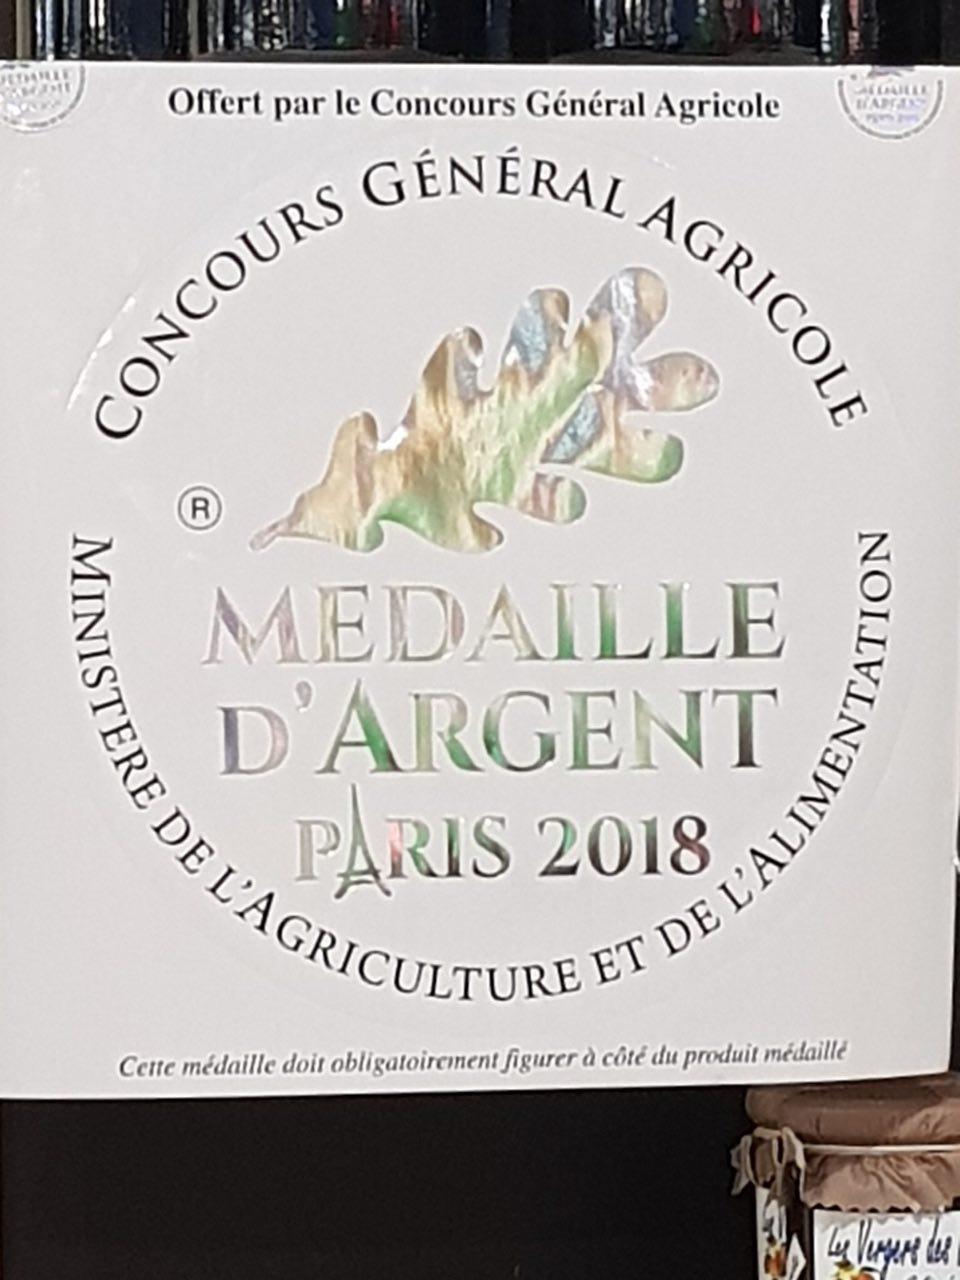 Vin ariégeois, médaillé d'argent 2018 par le Ministère de l'Agriculture et de l'Alimentation.